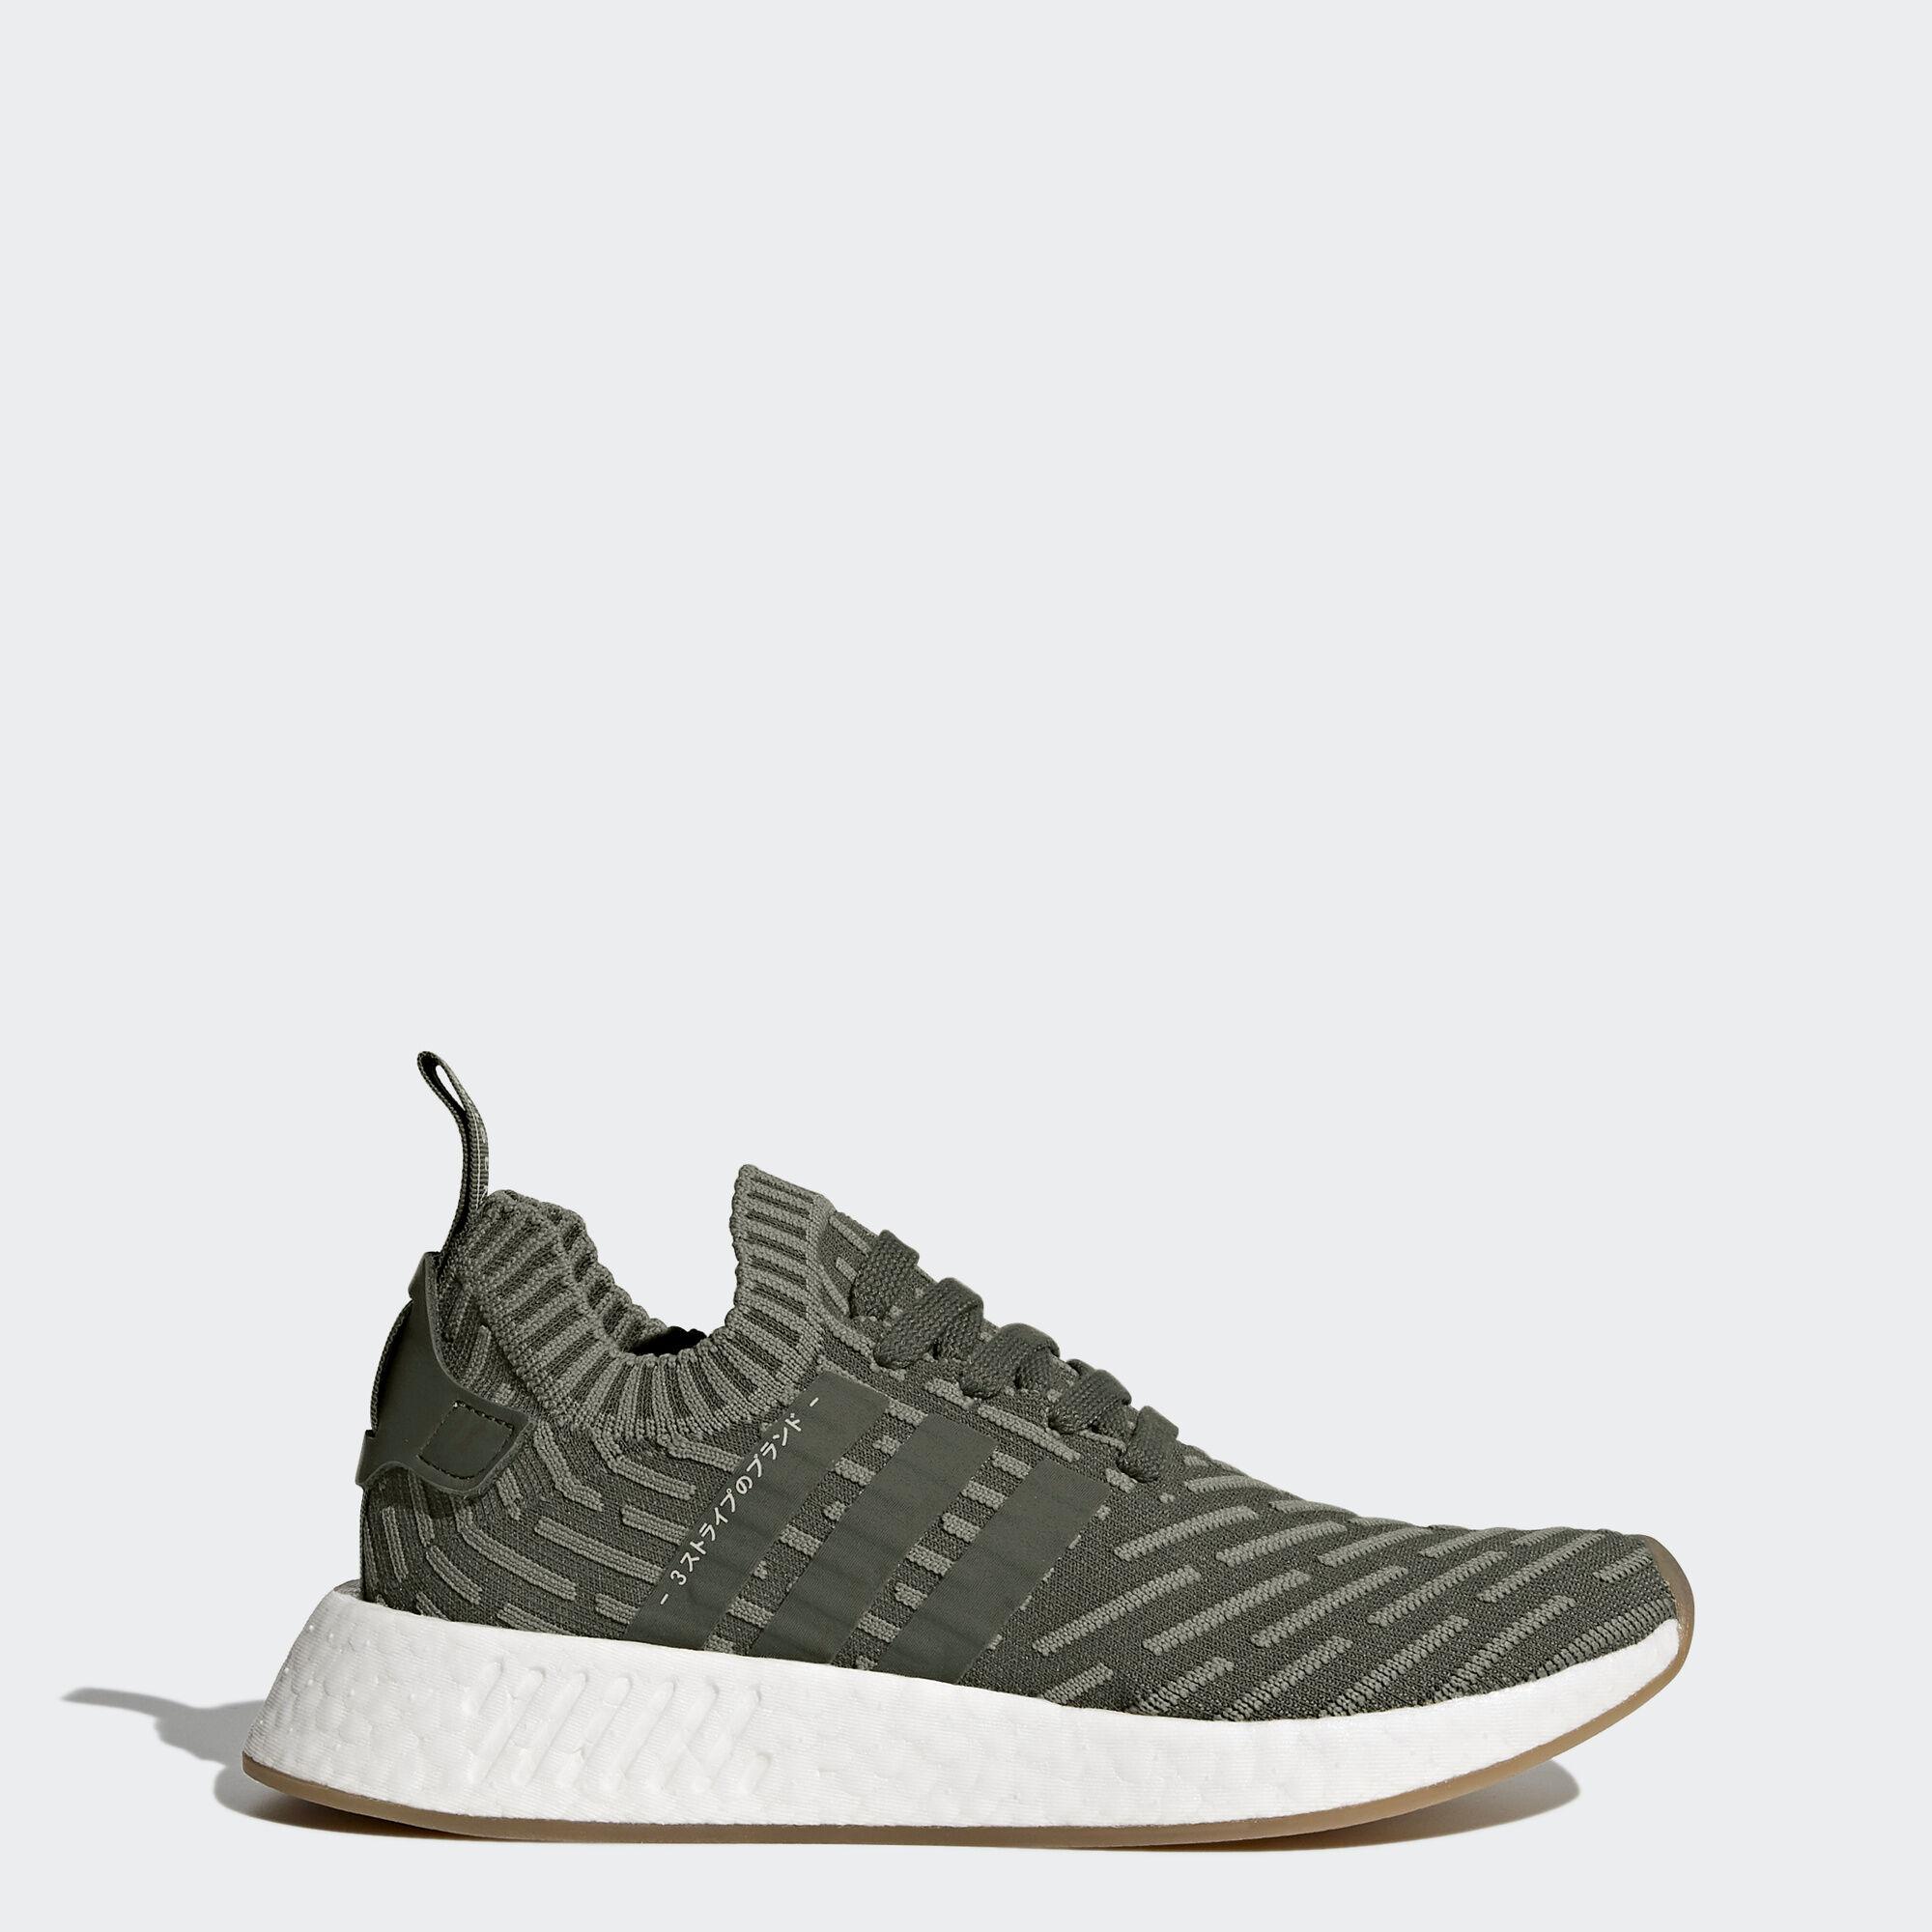 Adidas De Nmd_r2 'primeknit Sneaker - Vert WP1A1